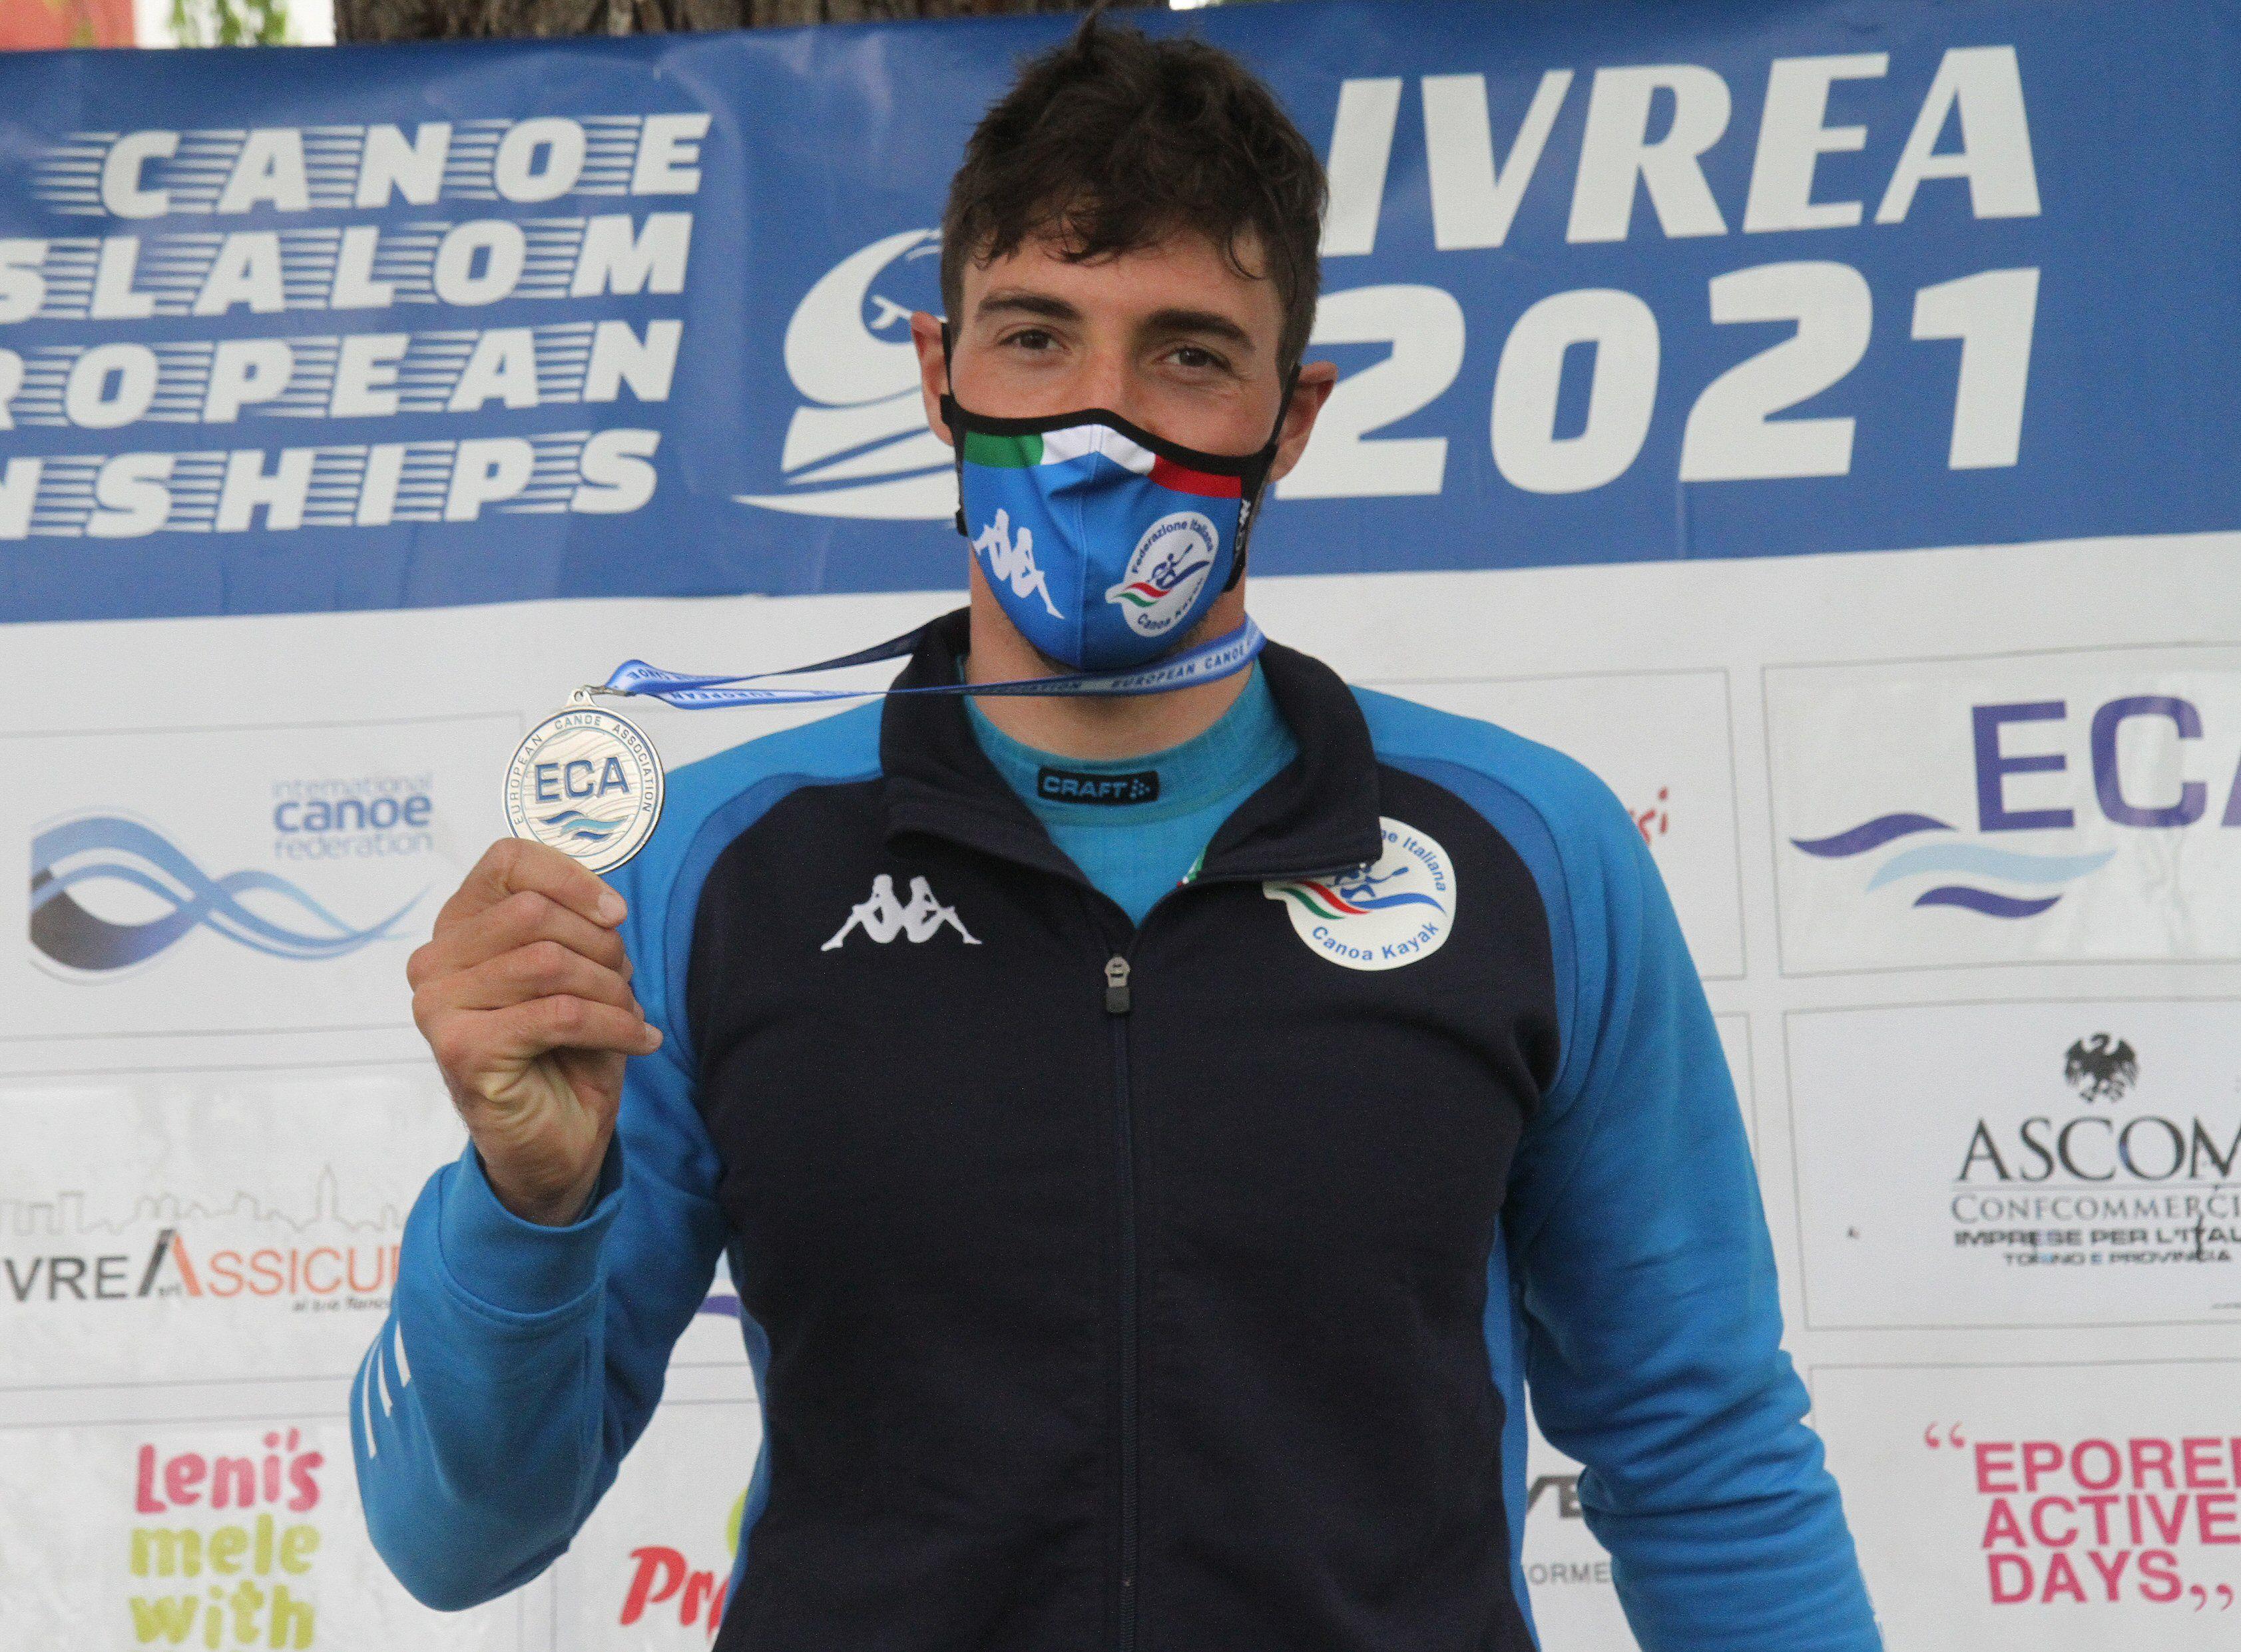 CANOA - Ivrea, per l'Italia Giovanni De Gennaro conquista l'argento nel K1 maschile